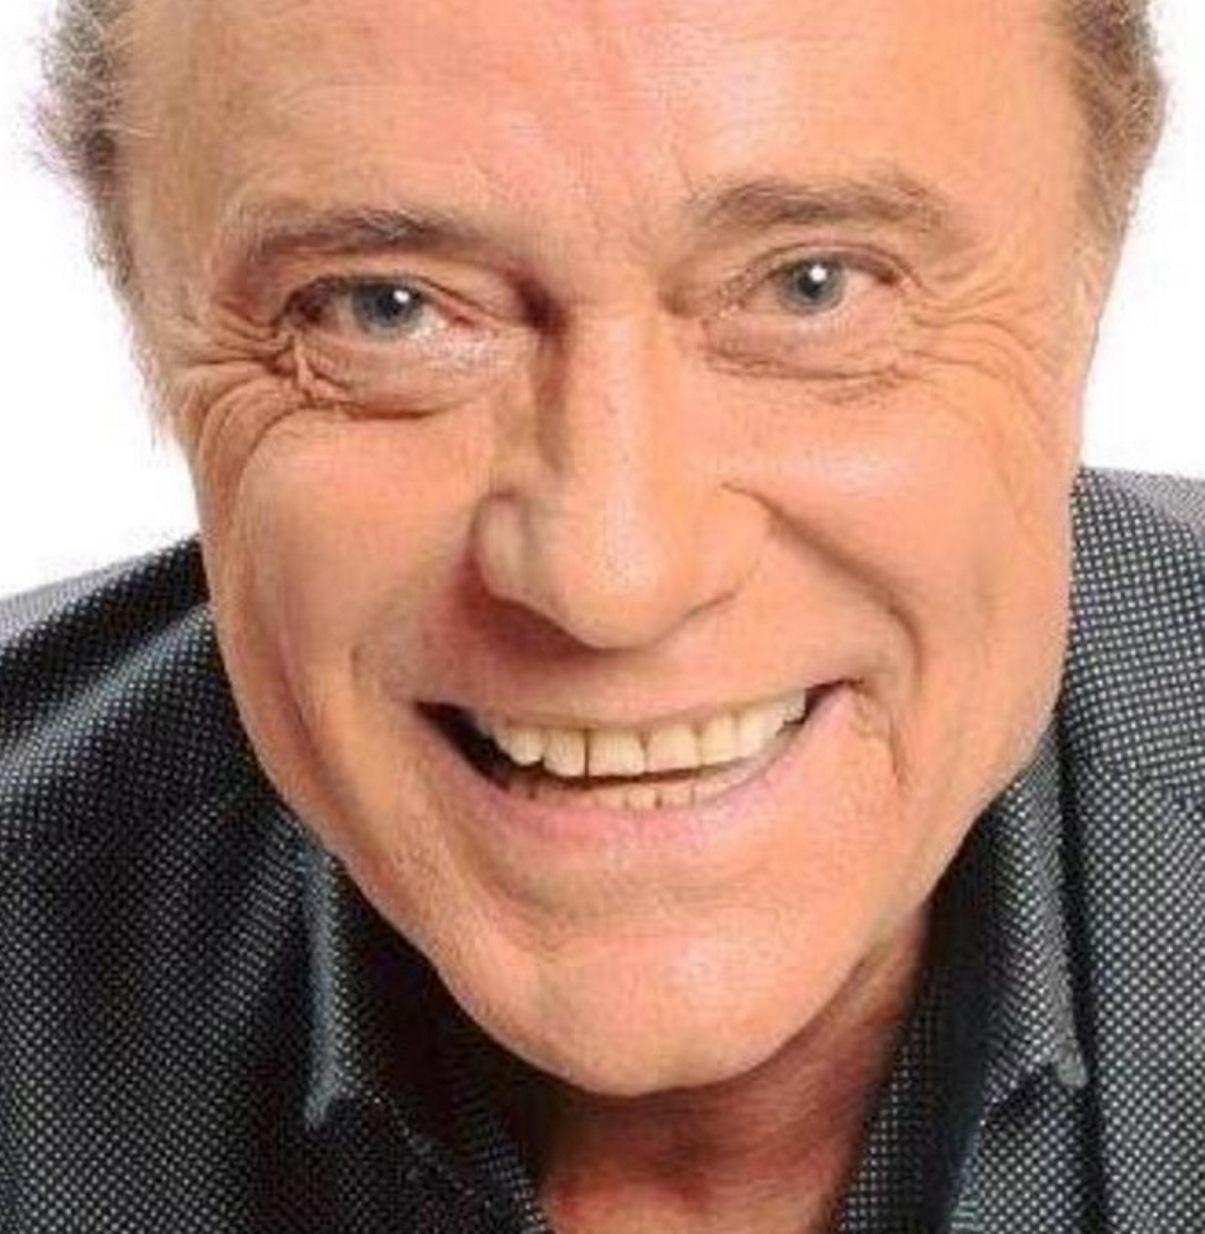 gianni nazzaro morto 72 anni